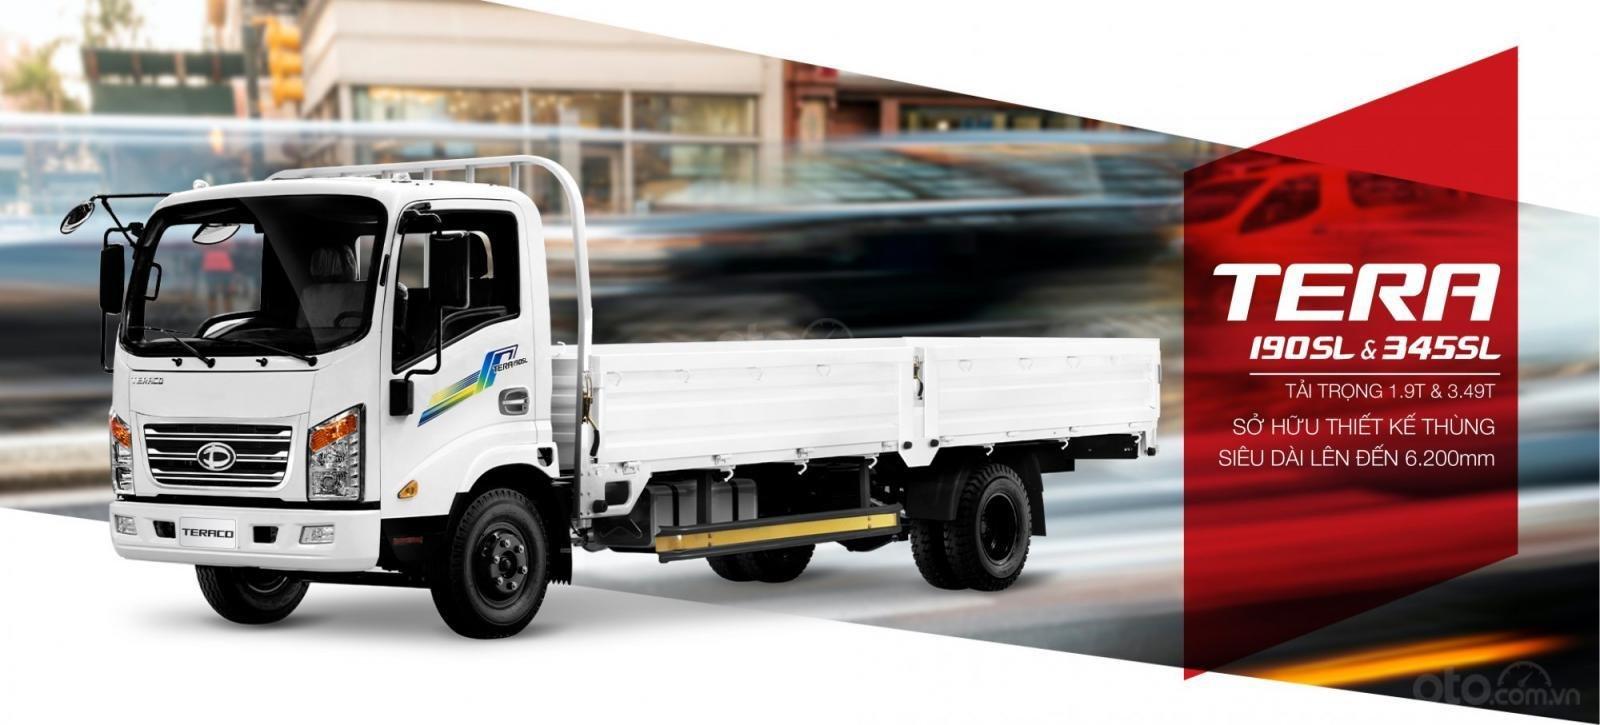 Bán xe tải 3.5 tấn Tera 345SL thùng kín, thùng lửng, thùng bạt với chiều dài thùng lên đến 6.1 mét tại Hải Phòng và Quảng Ninh (2)